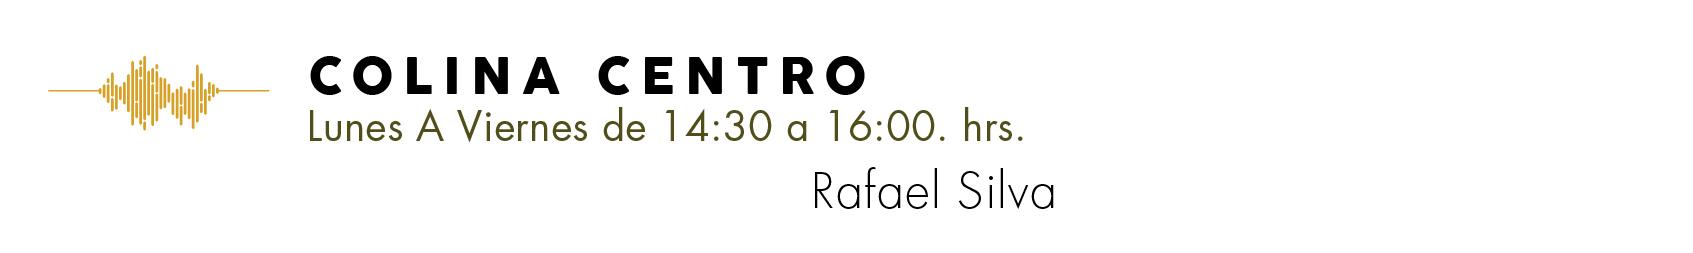 Programa de Radio-05